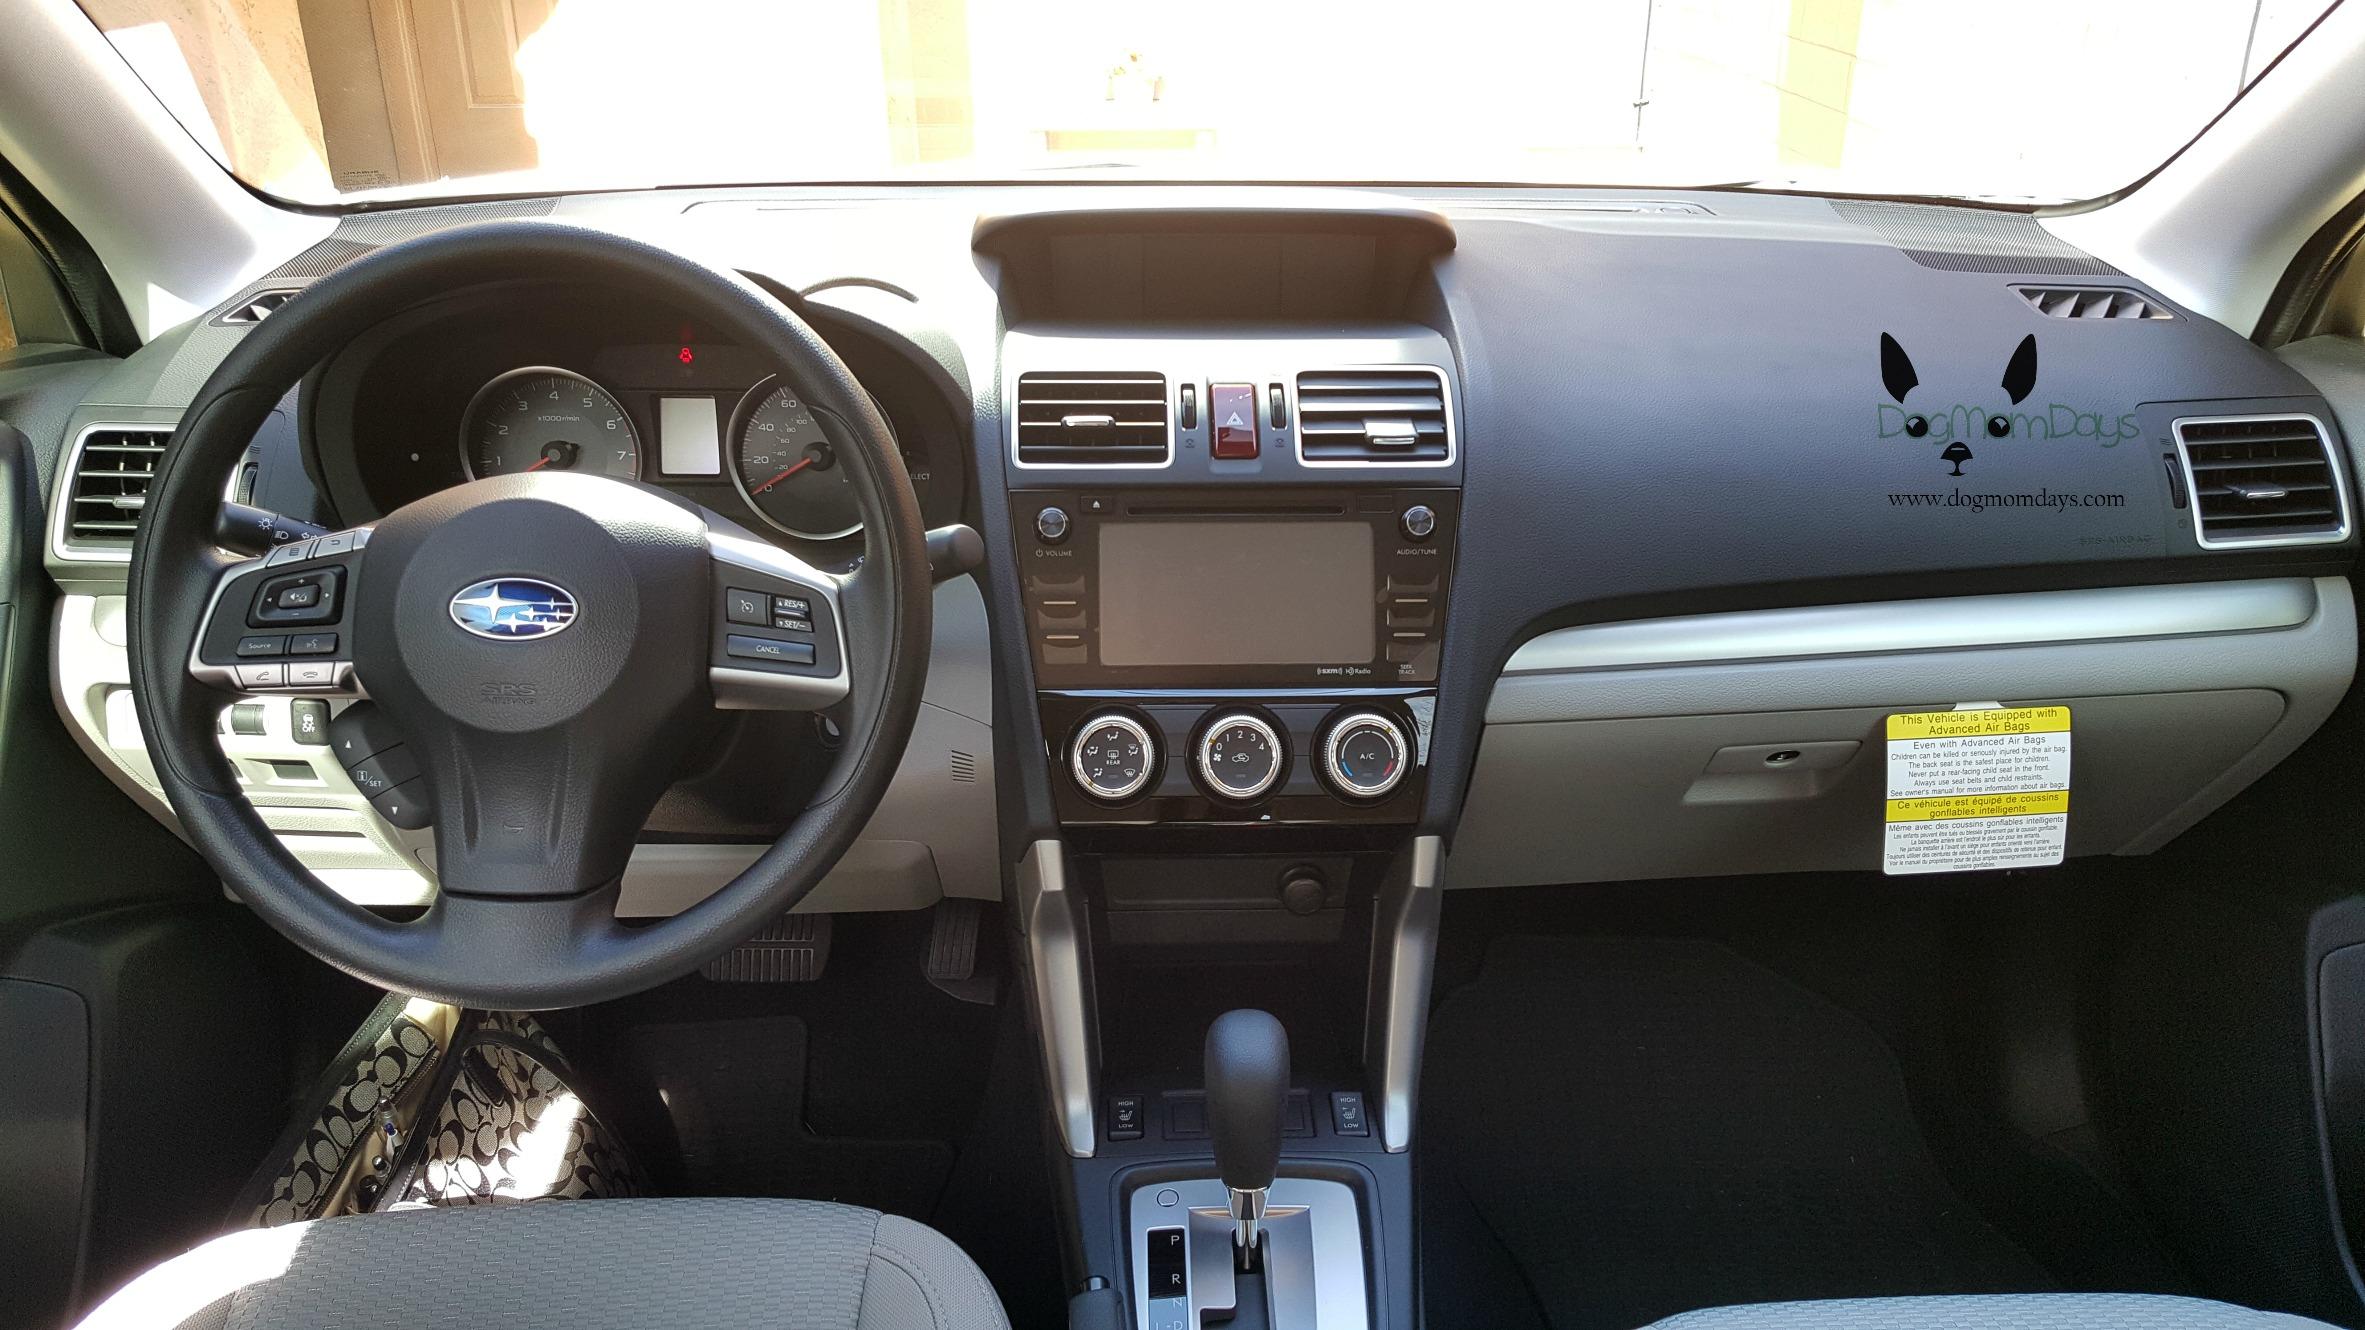 2016 Subaru Forester premium interior